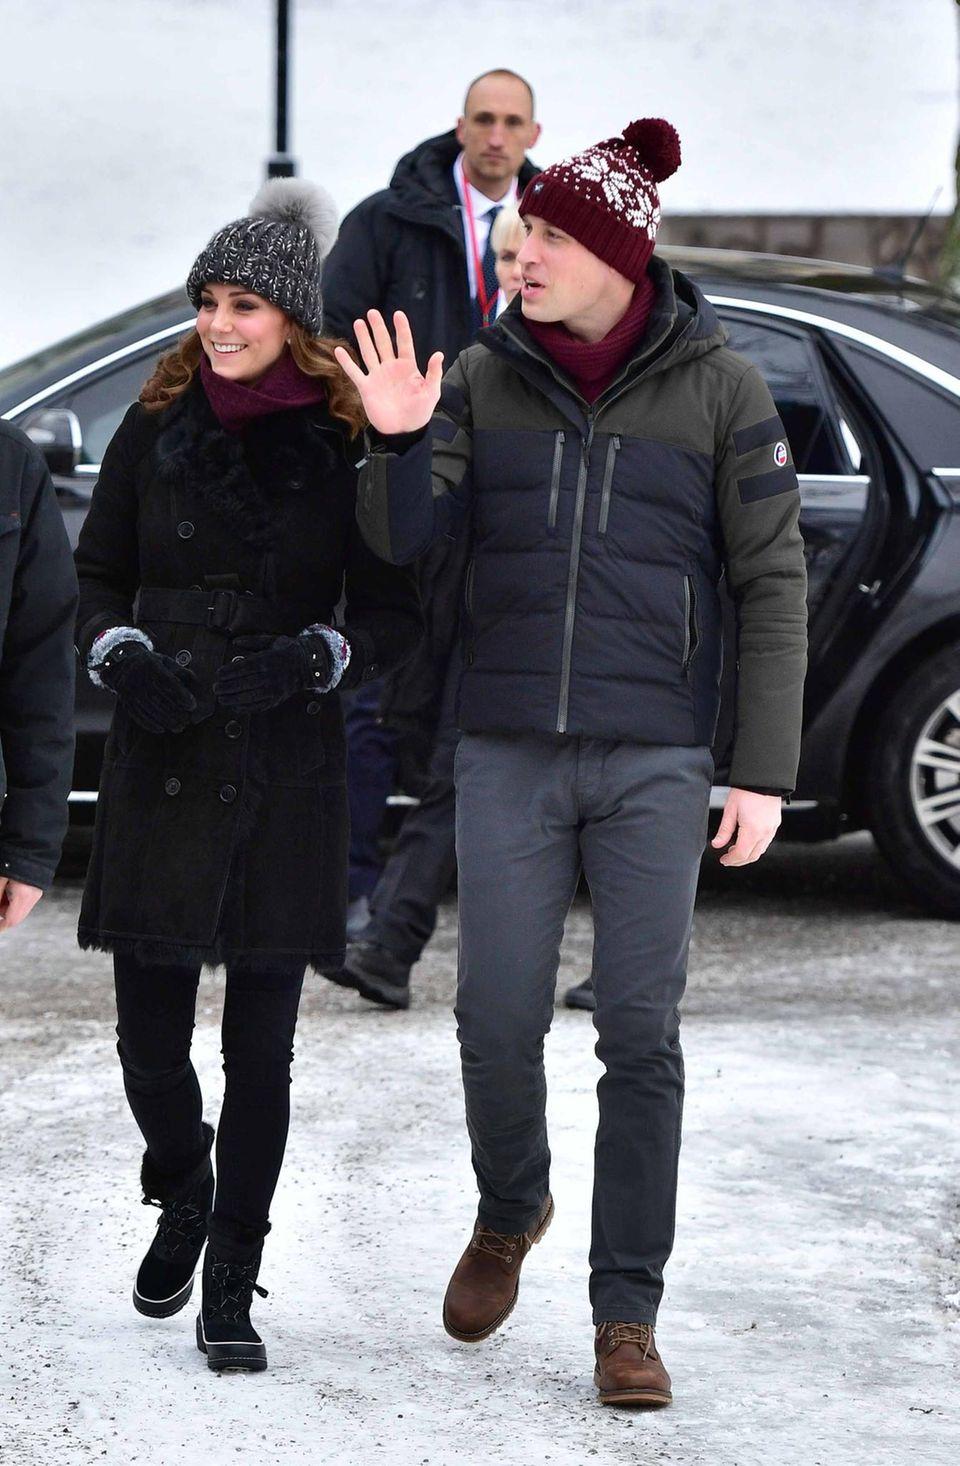 Schweden - Tag 1  Da sind sie! Erster Tag, erster Termin für Prinz William und Herzogin Catherine in Schweden. Im Vasparken von Stockholm schauen sie bei einem Bandy-Spiel zu und dürfen selbst den Schläger schwingen. Das Wetter ist nicht gerade royal-sonnig, sodass wollige Kopfbedeckungen angebracht sind.